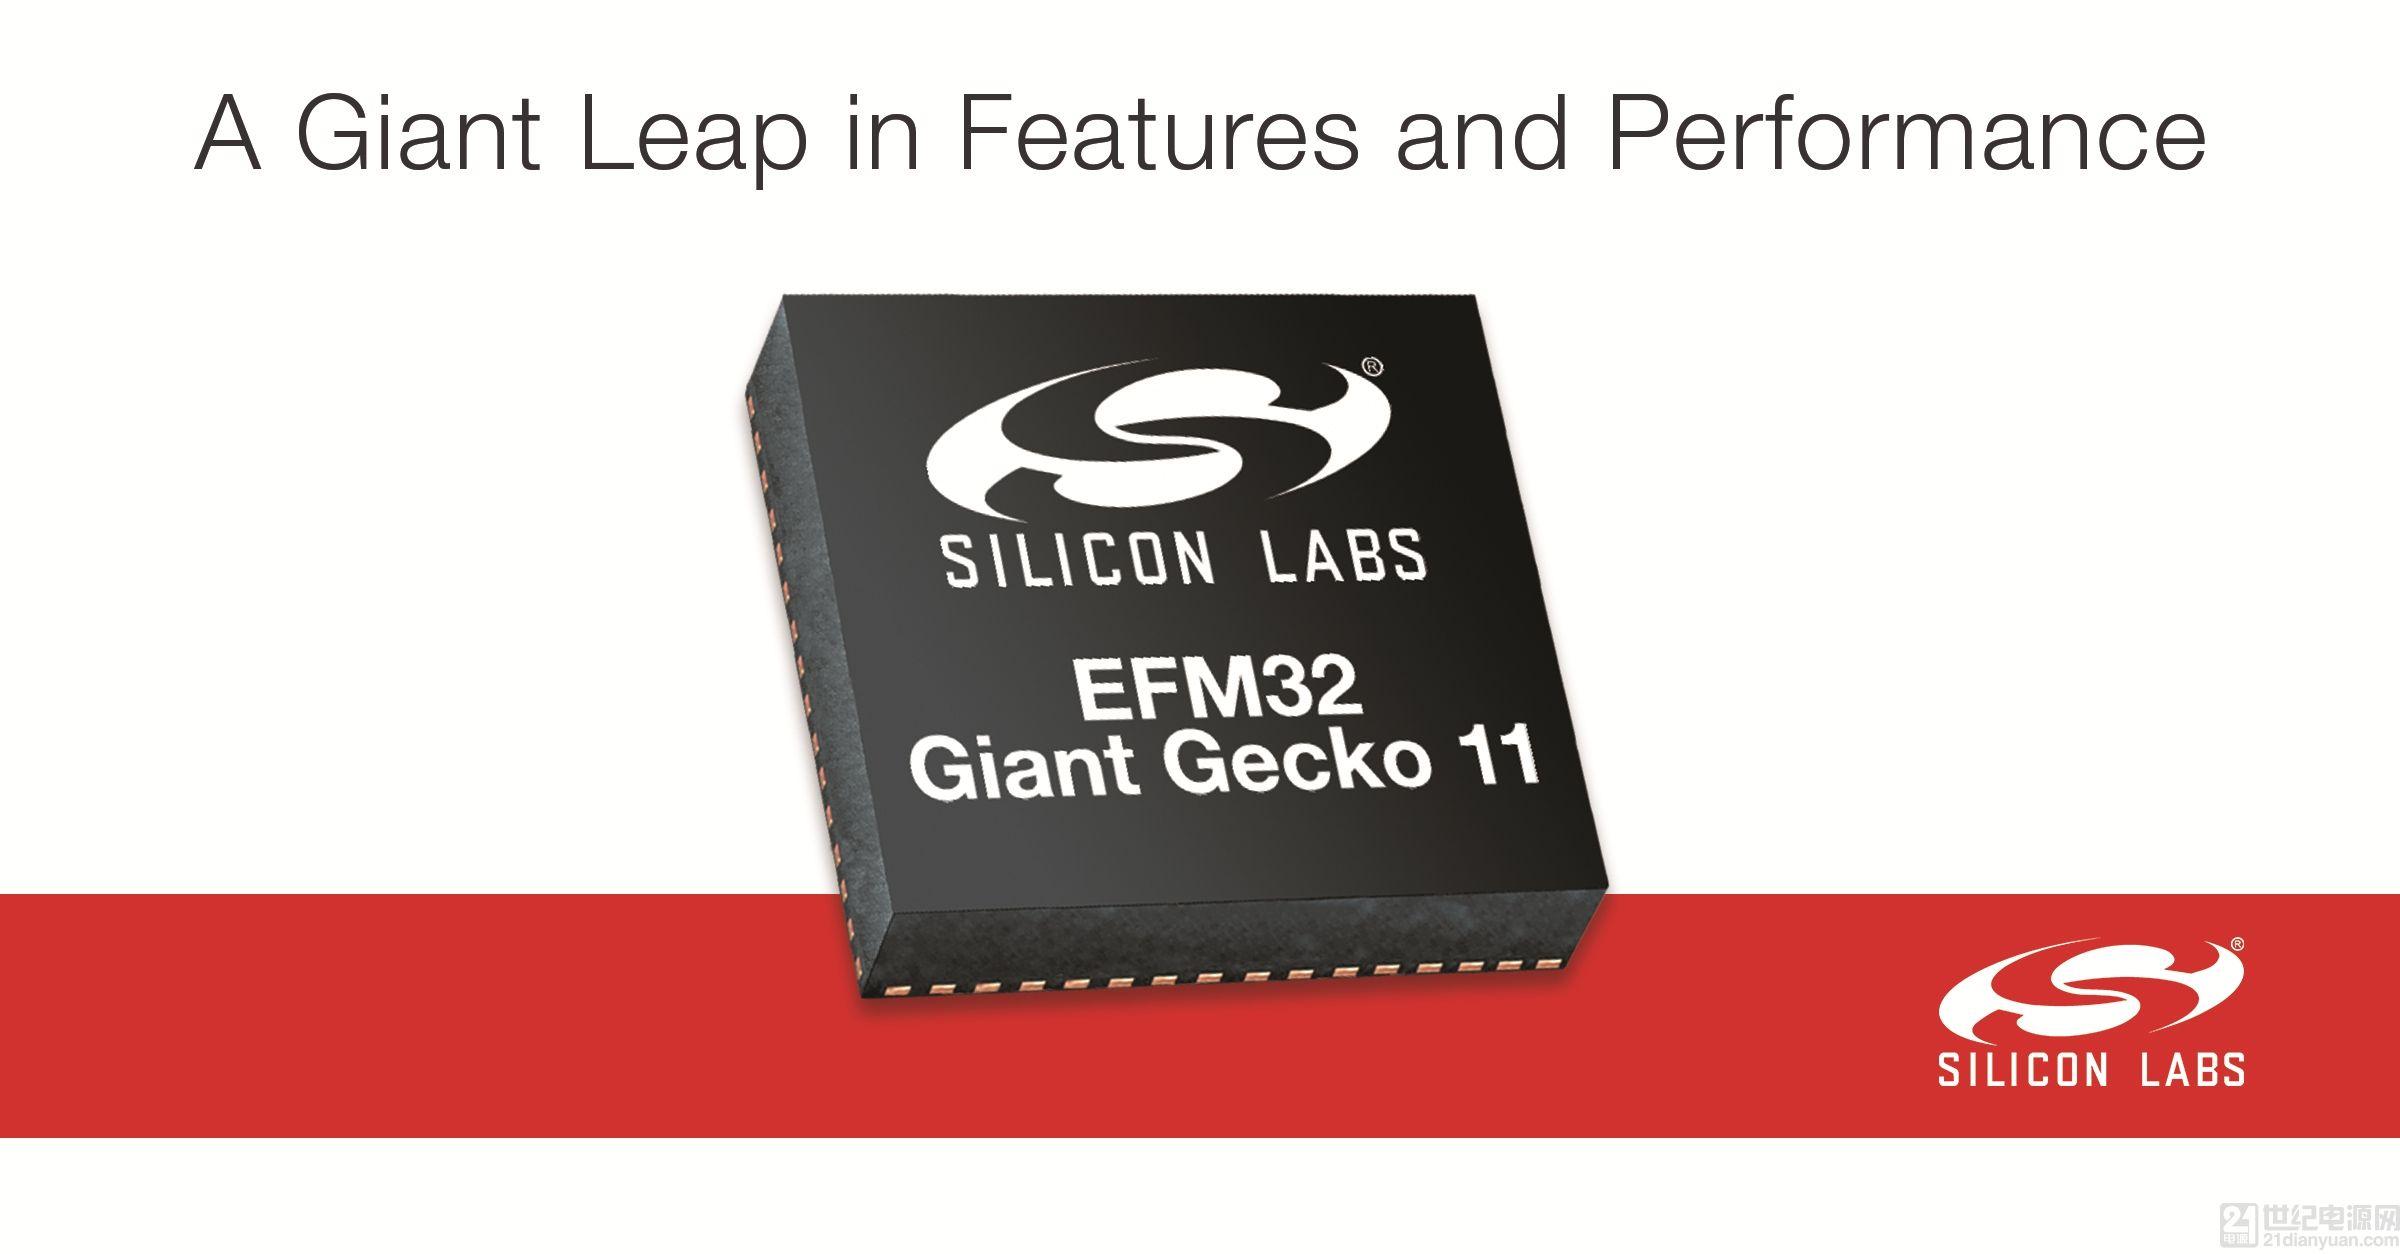 功能丰富的Giant Gecko微控制器帮助开发人员 解决复杂的IoT应用